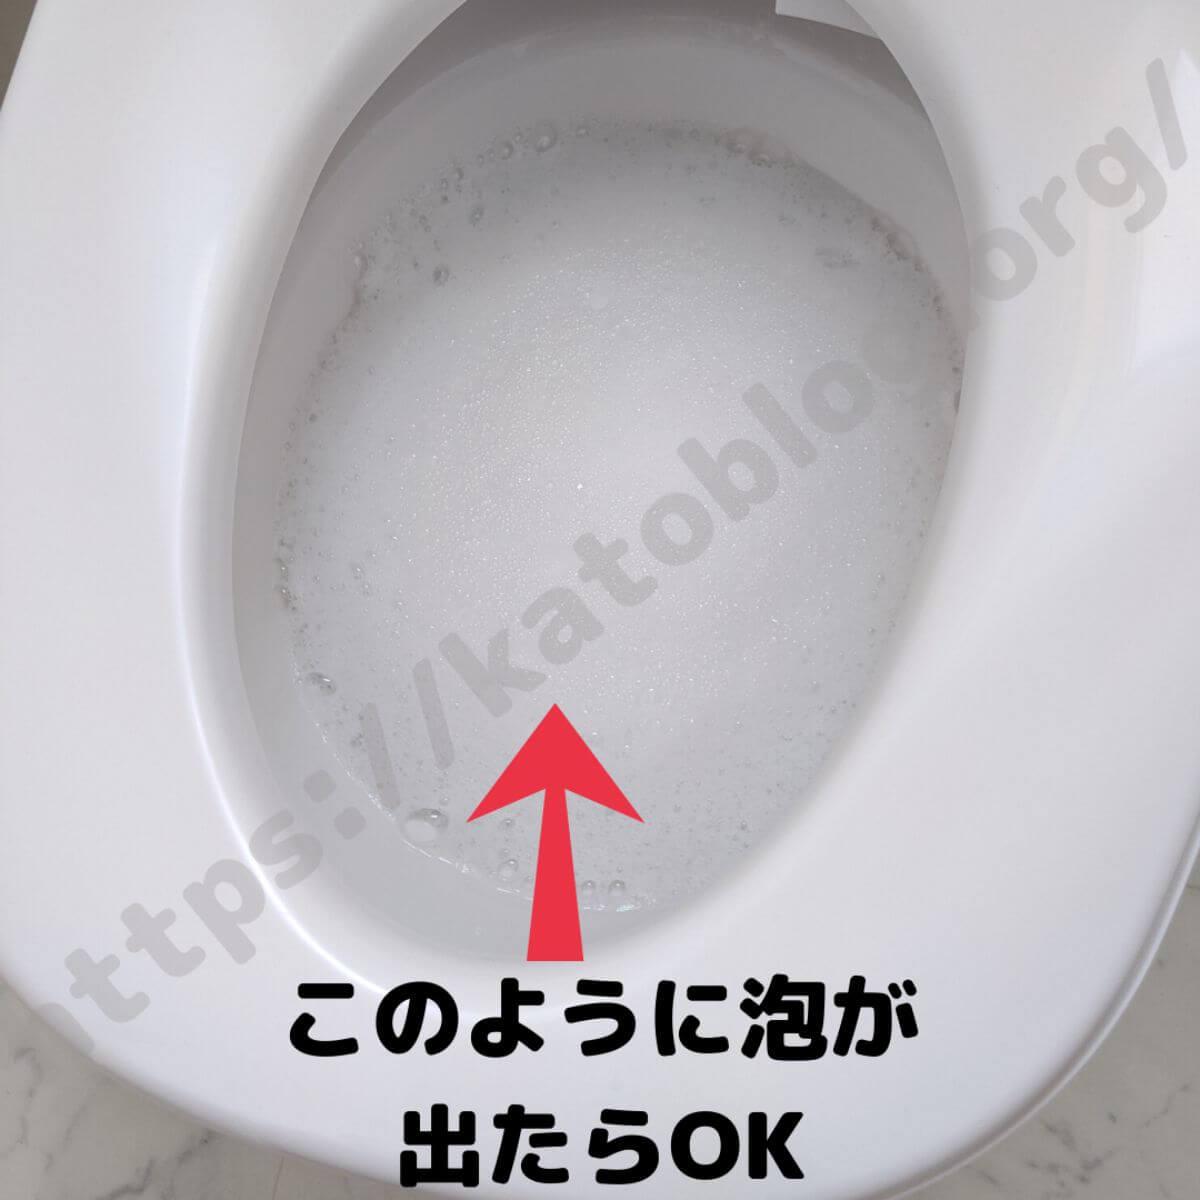 アラウーノ_洗剤_入れ方_泡